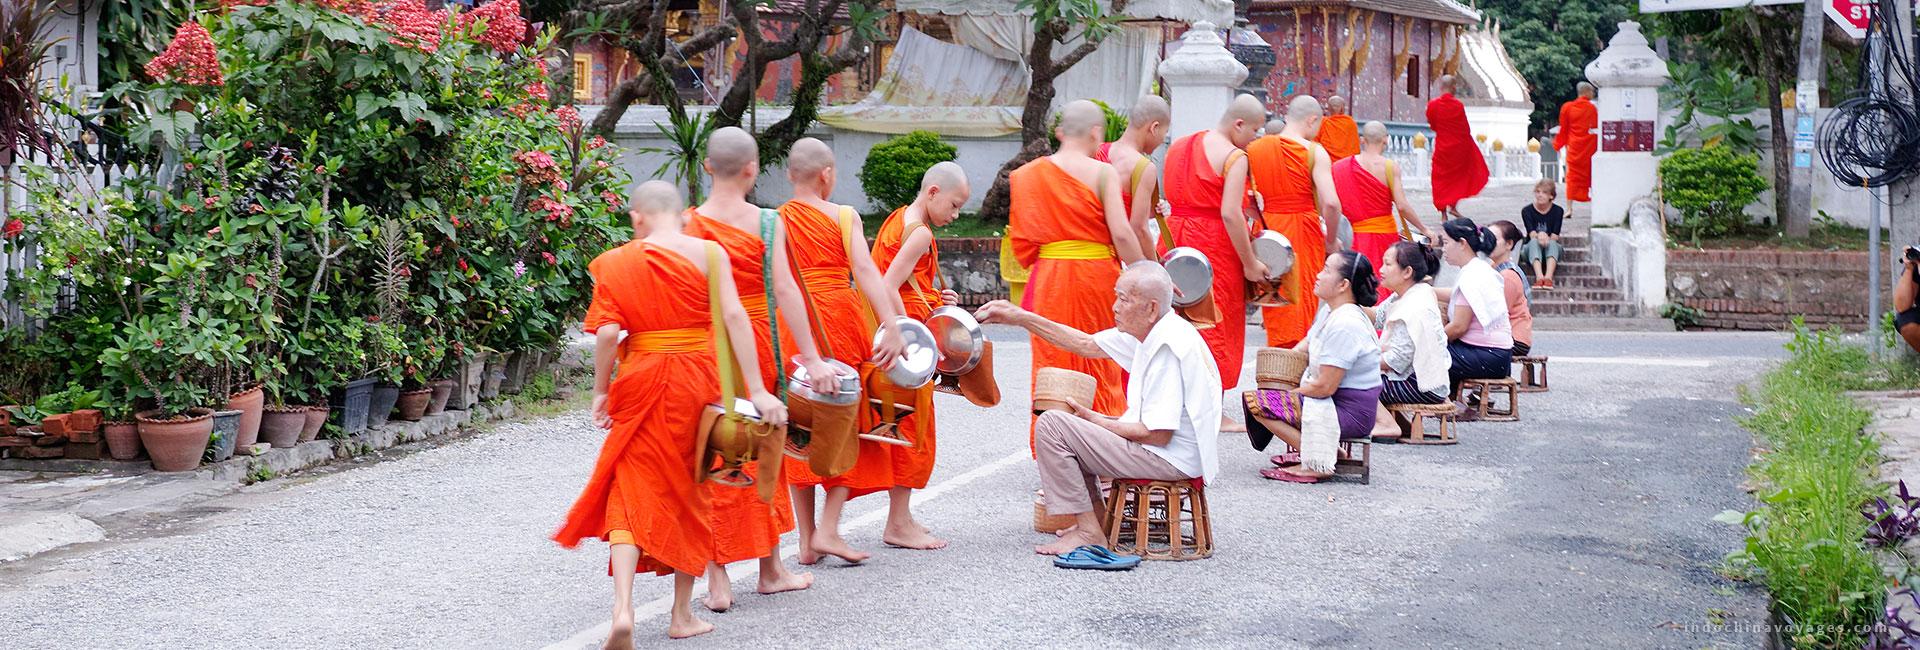 The spirit of Luang Prabang 5 Days